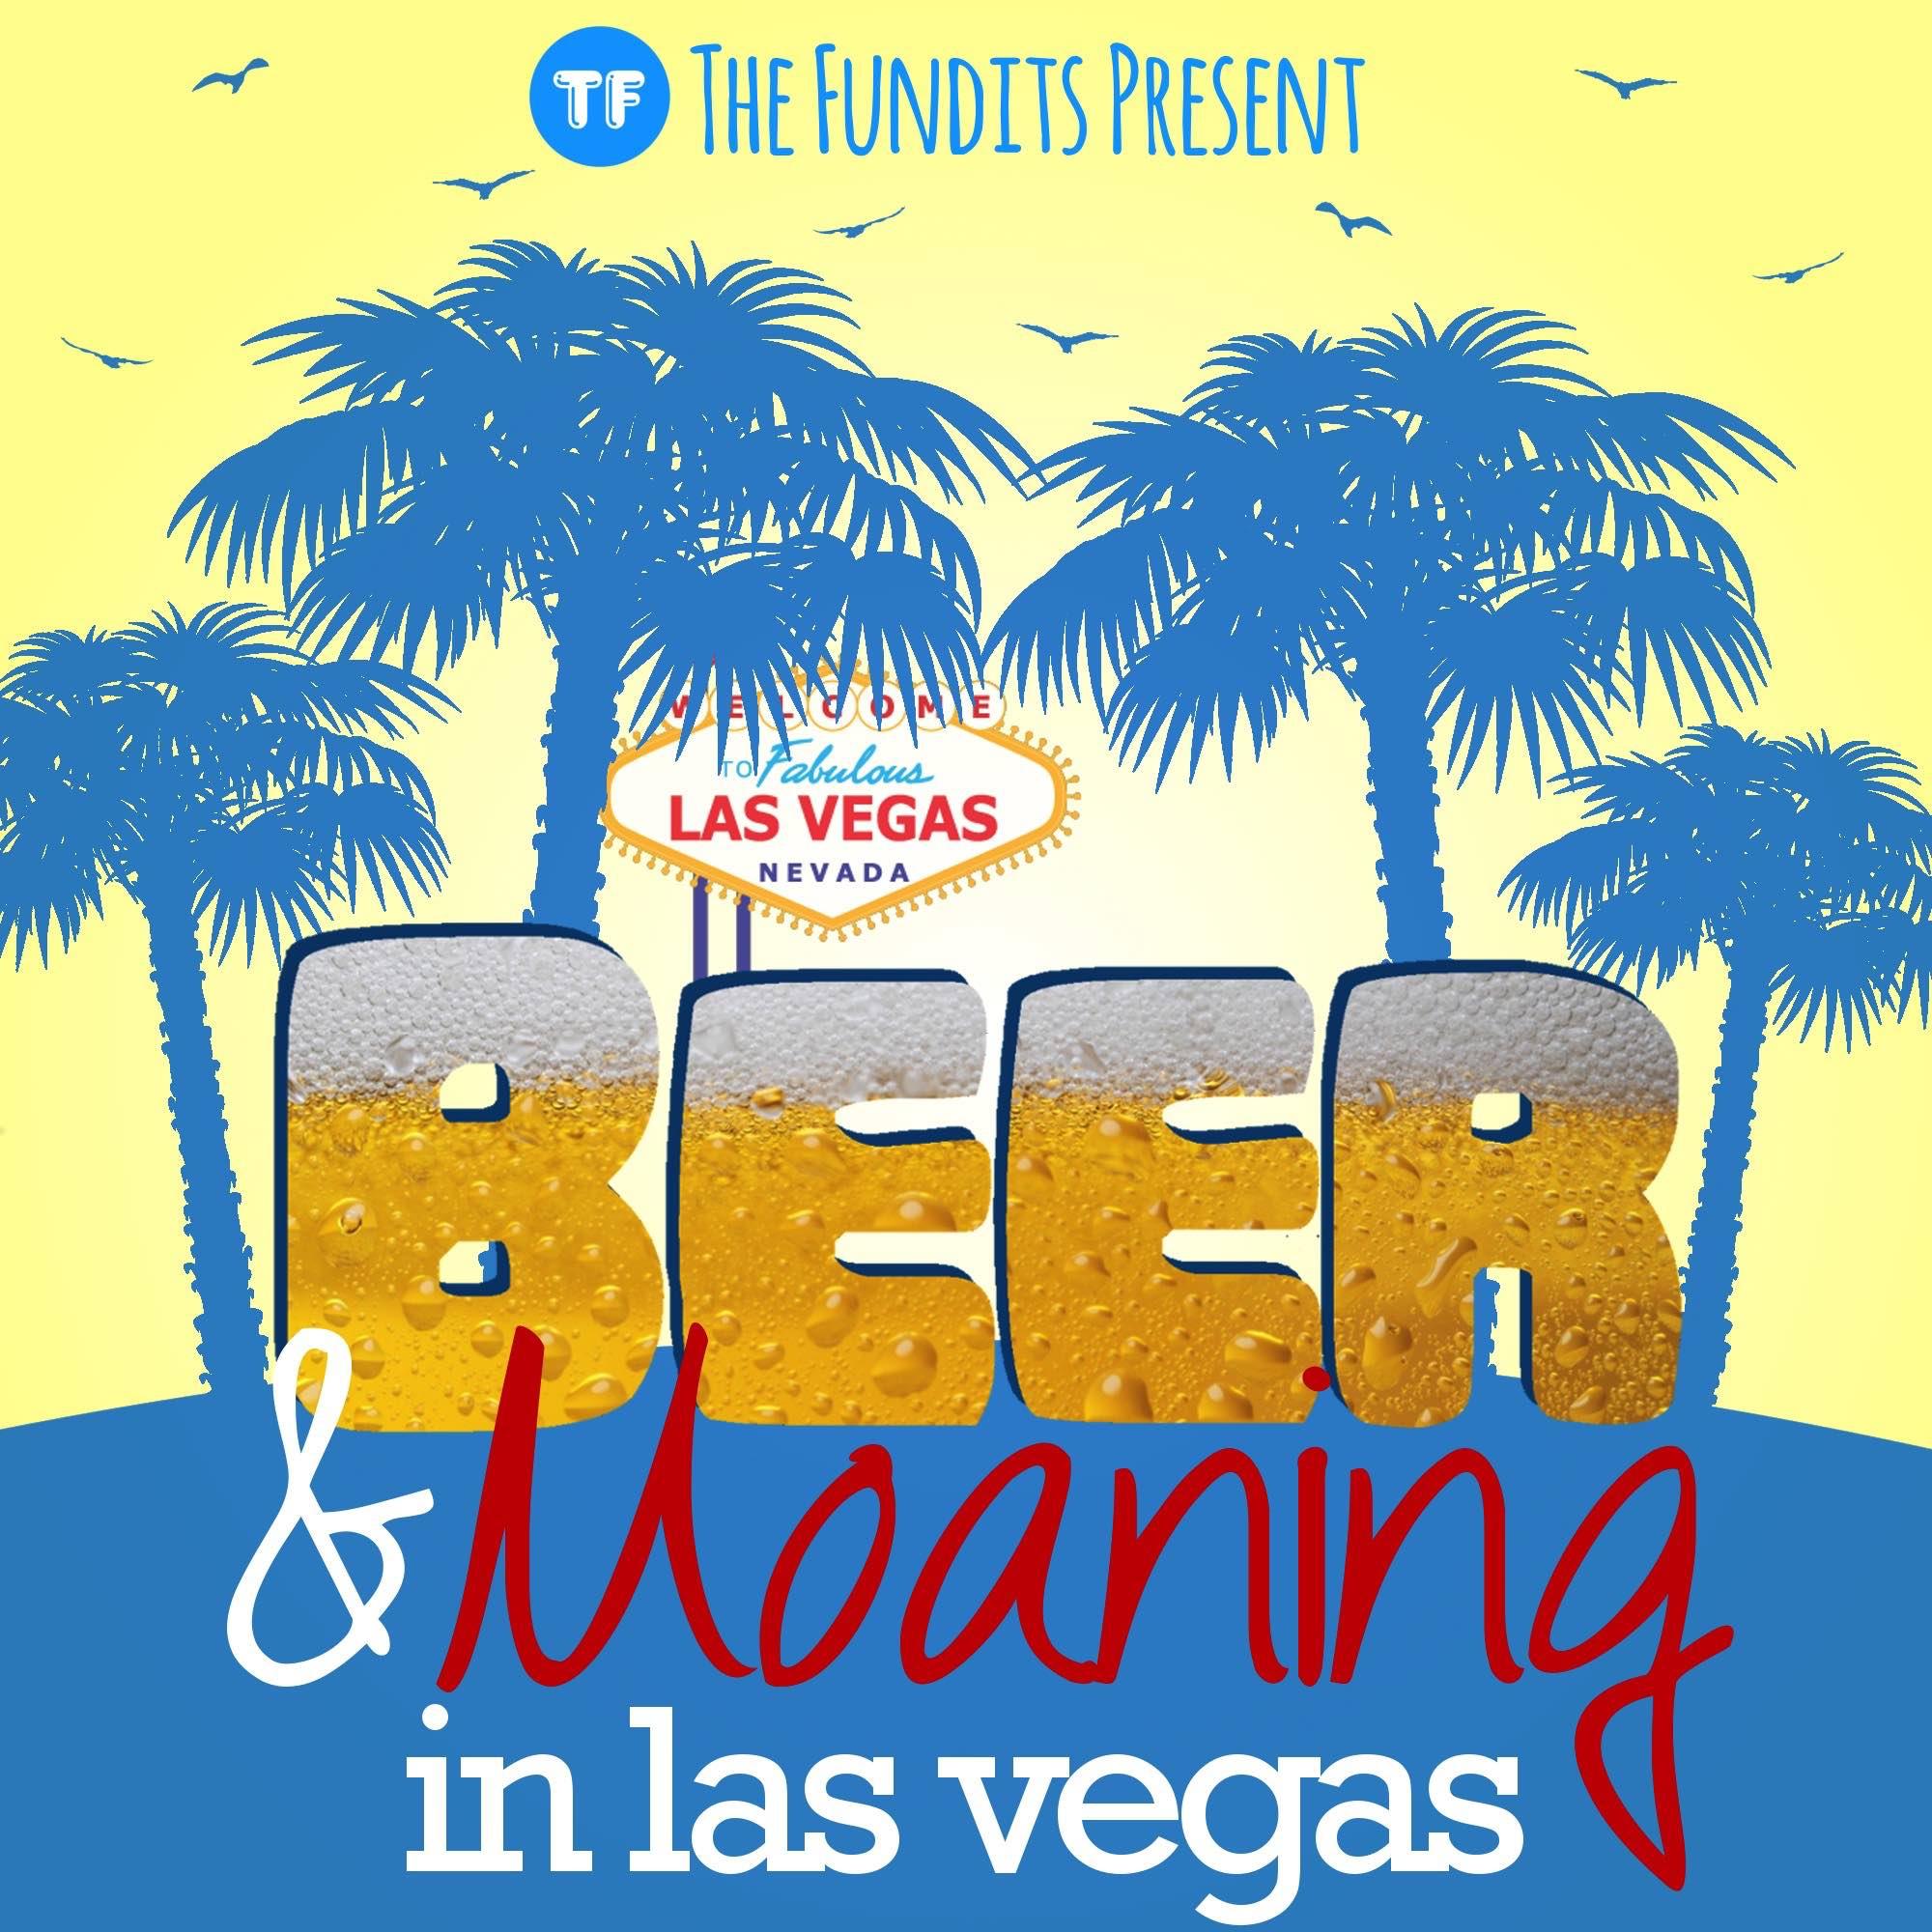 Beer & Moaning in Las Vegas